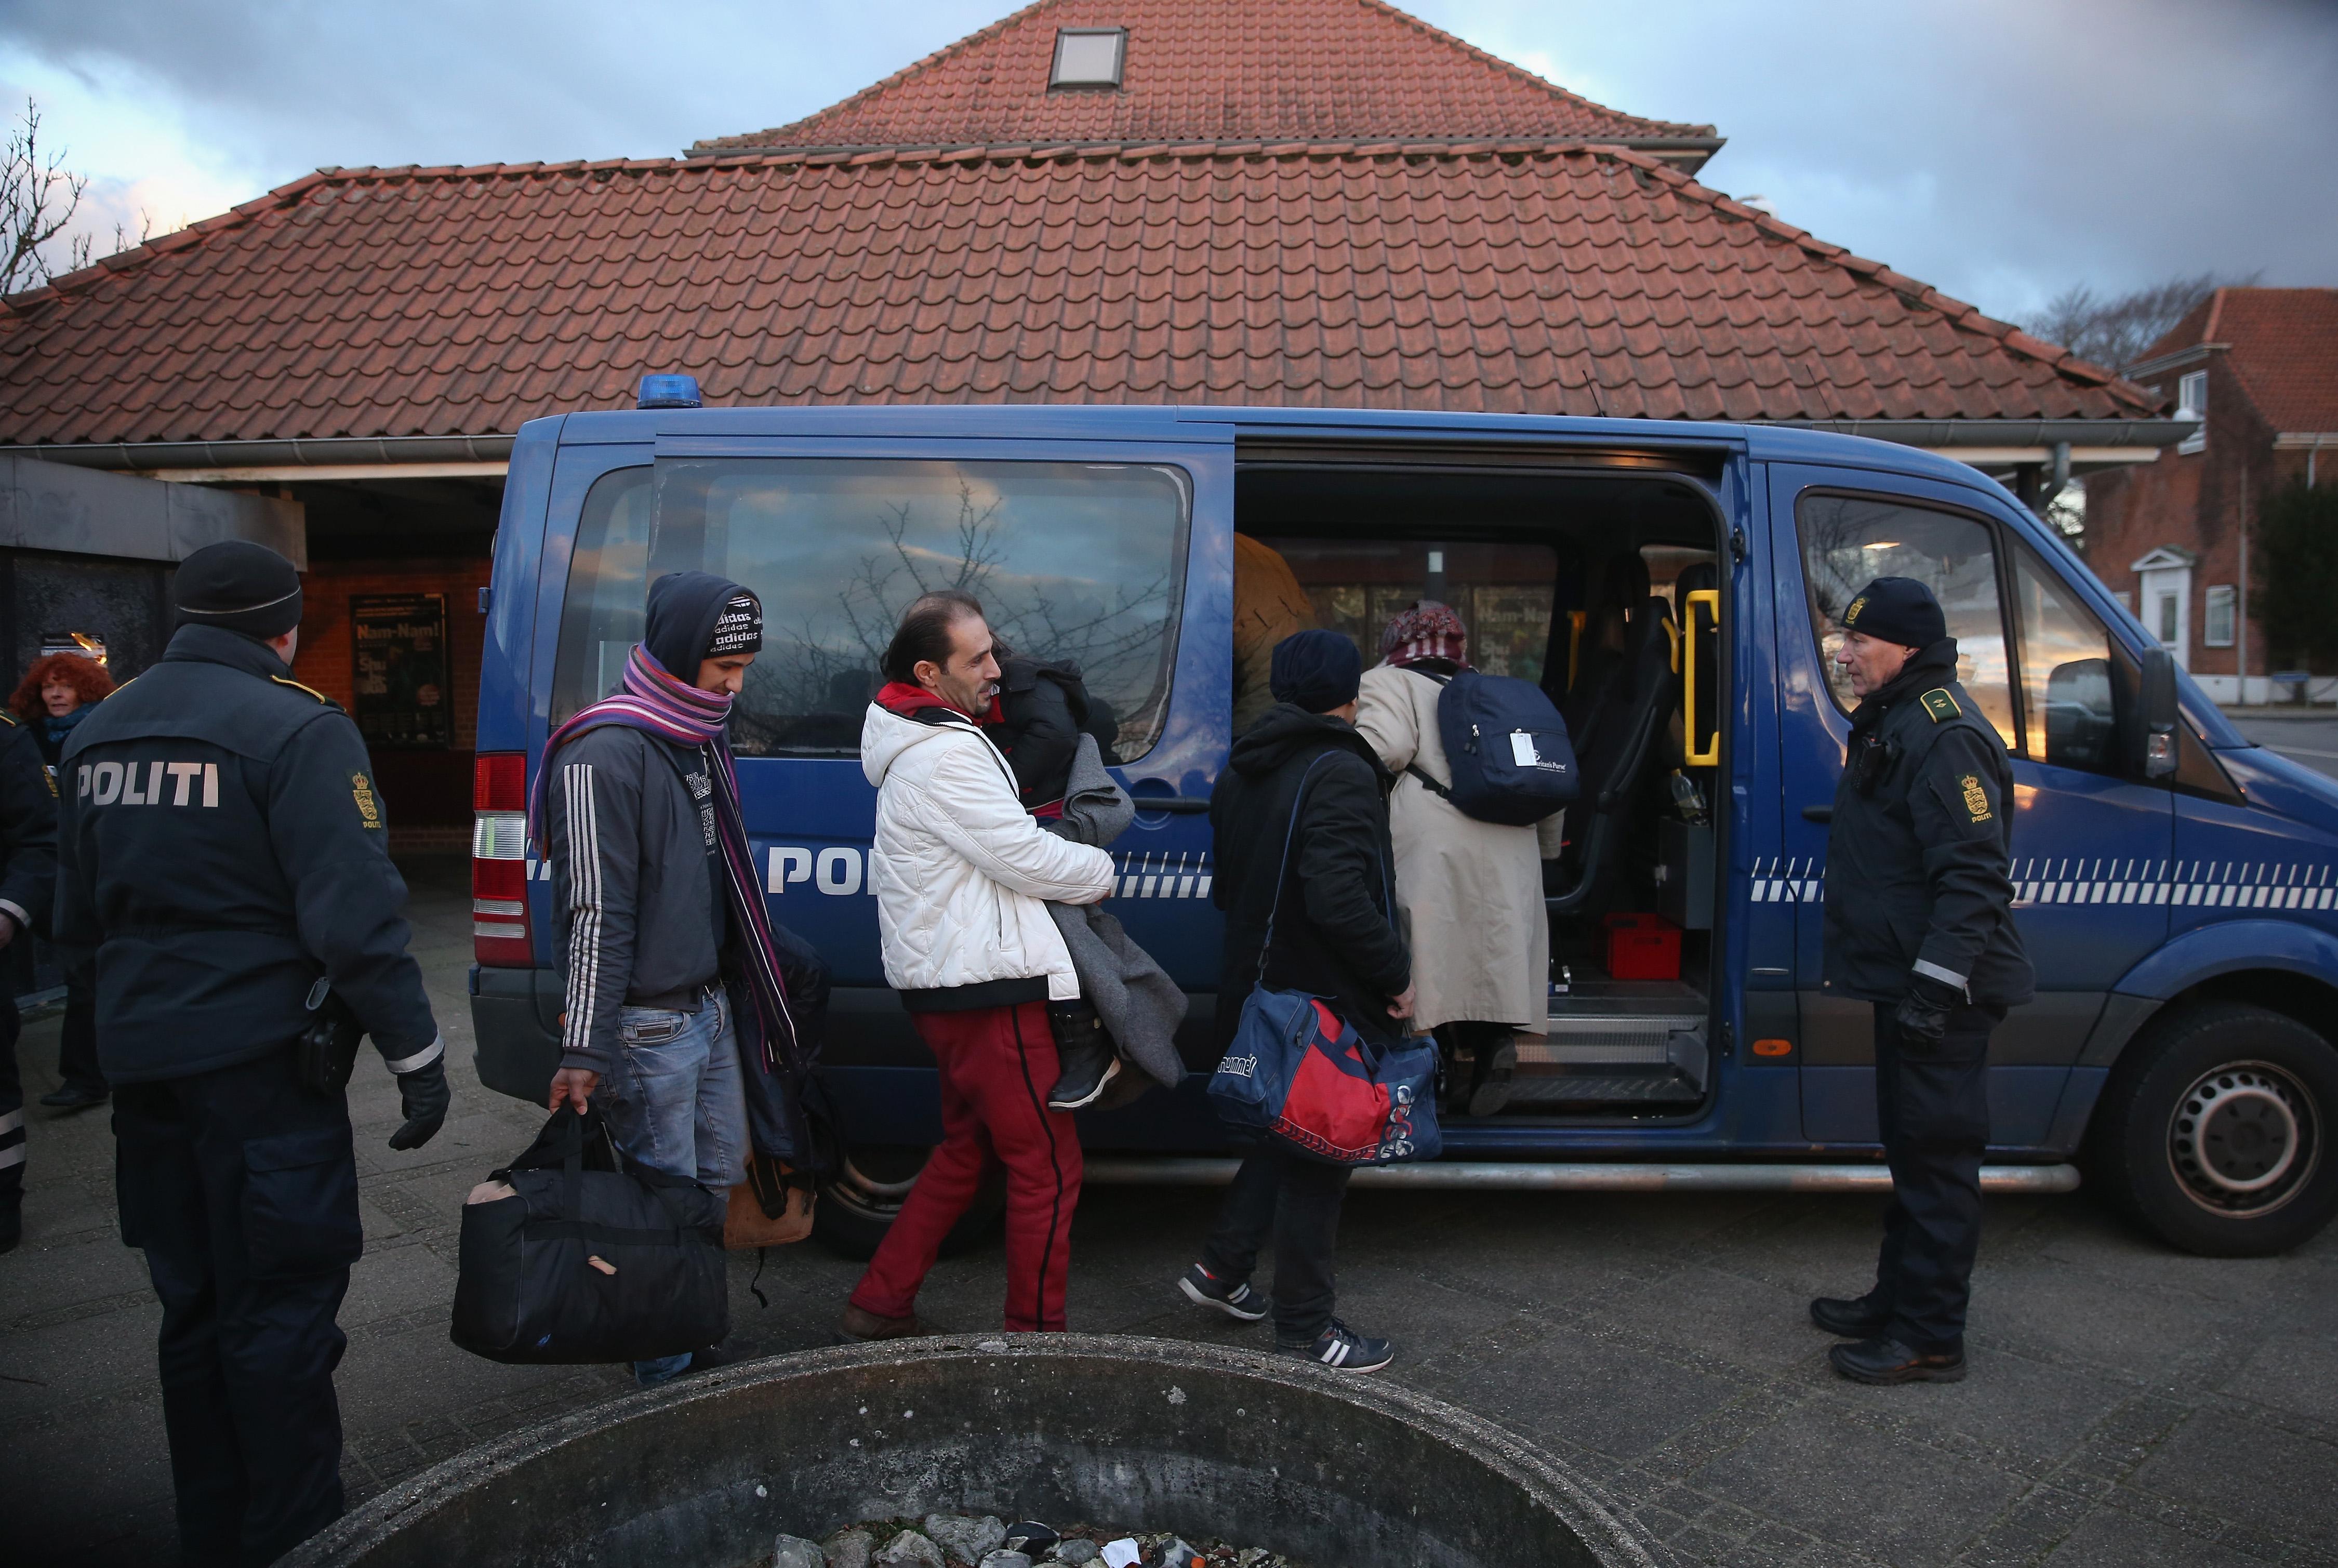 Danmark escort escort service europe